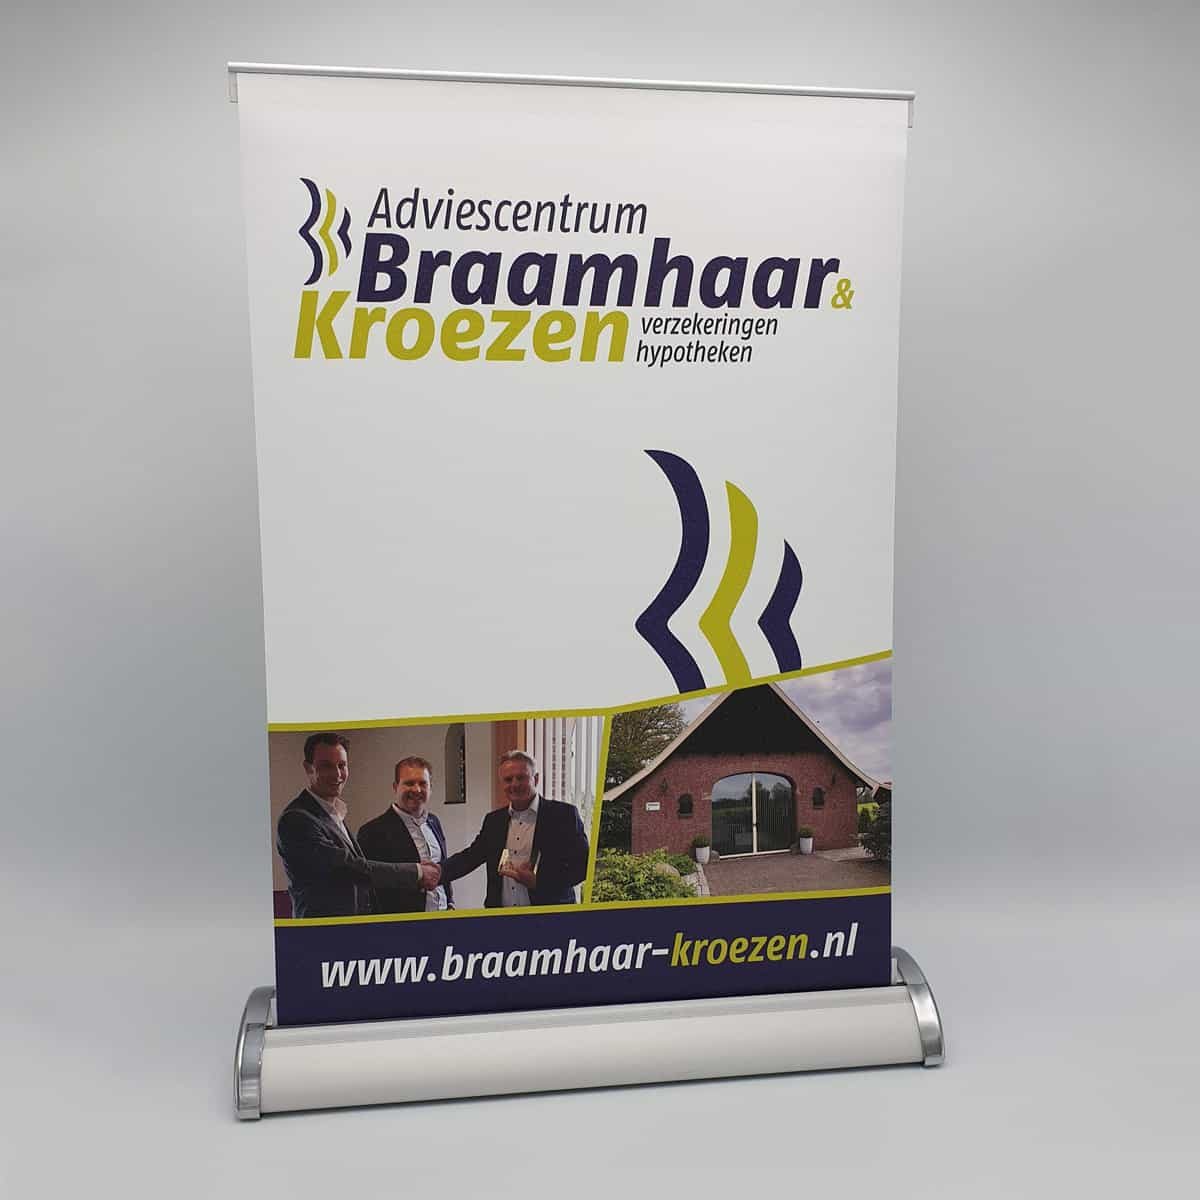 Huisstijl-roll-up-banner-Braamhaar&Kroezen-burobedenkt